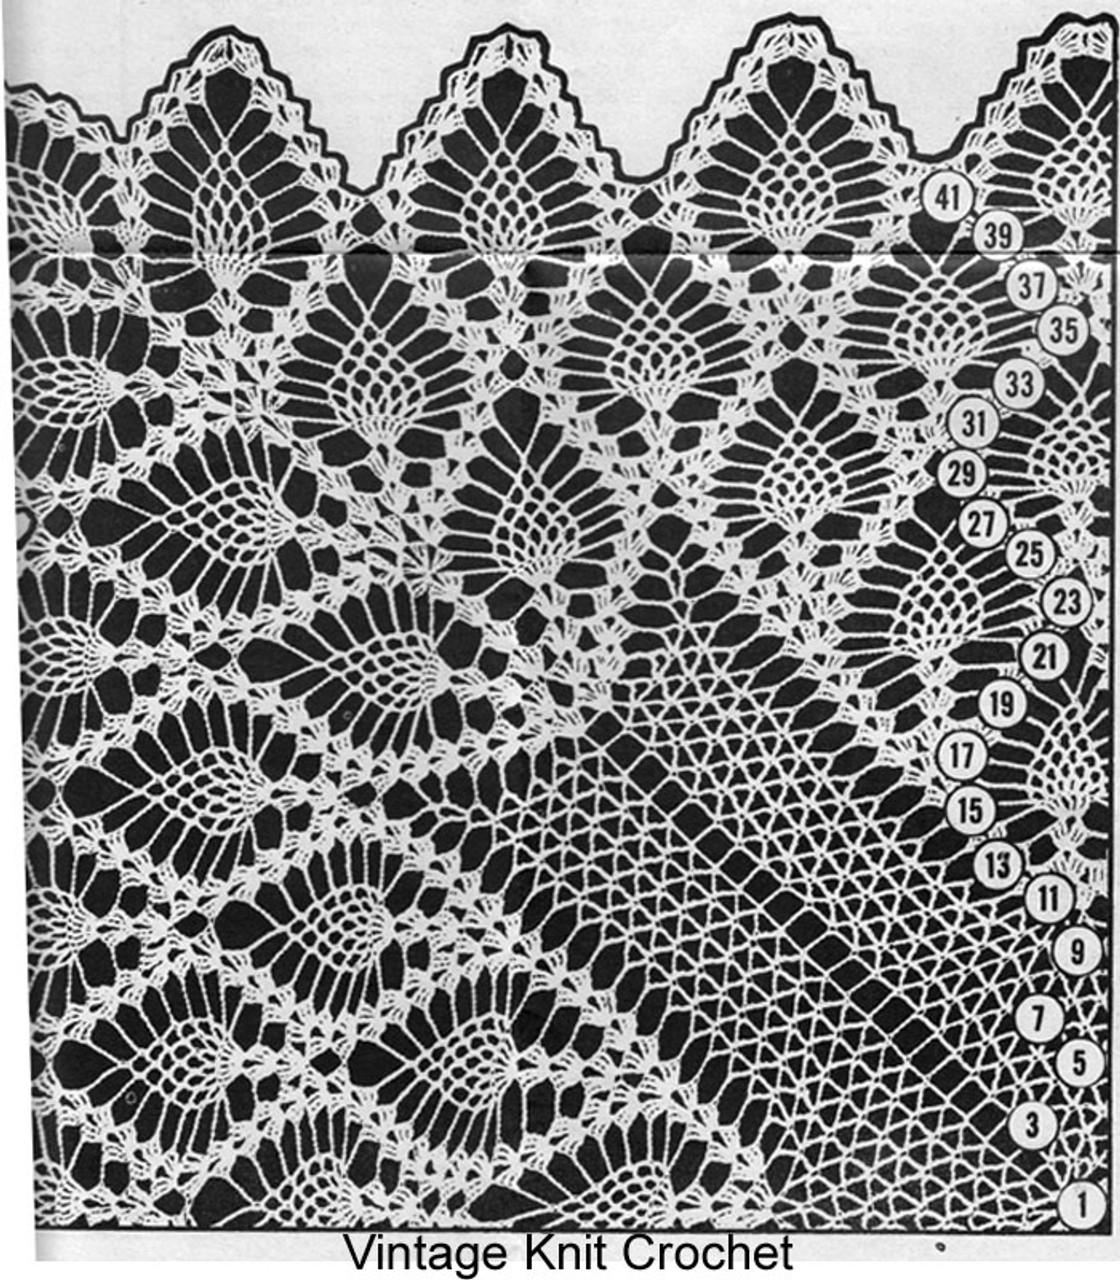 Crochet Tablecloth Pattern Stitch Illustration, Alice Brooks 7067